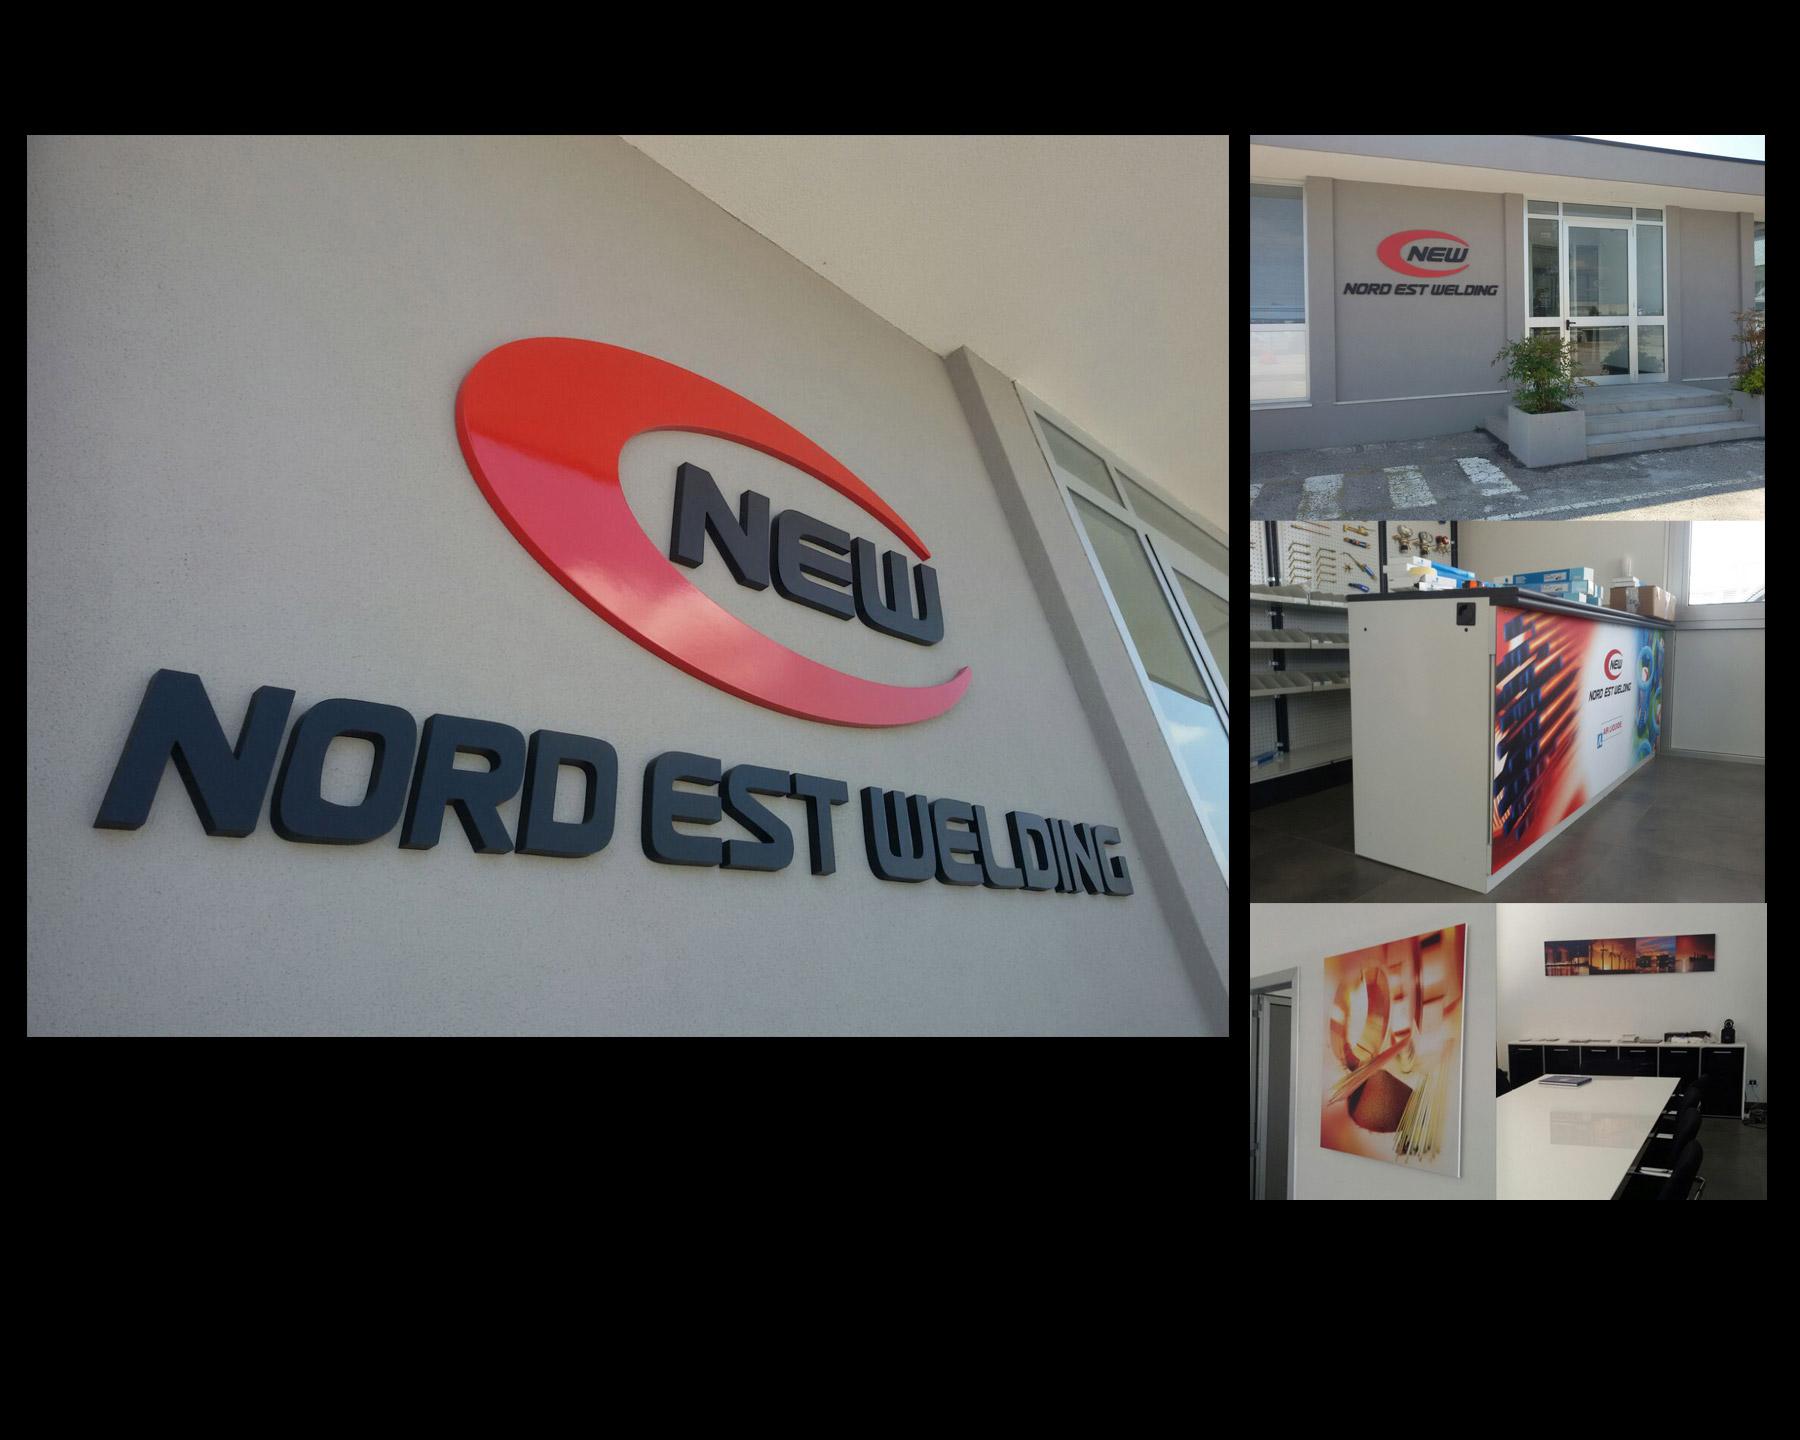 Nord-Est-Welding